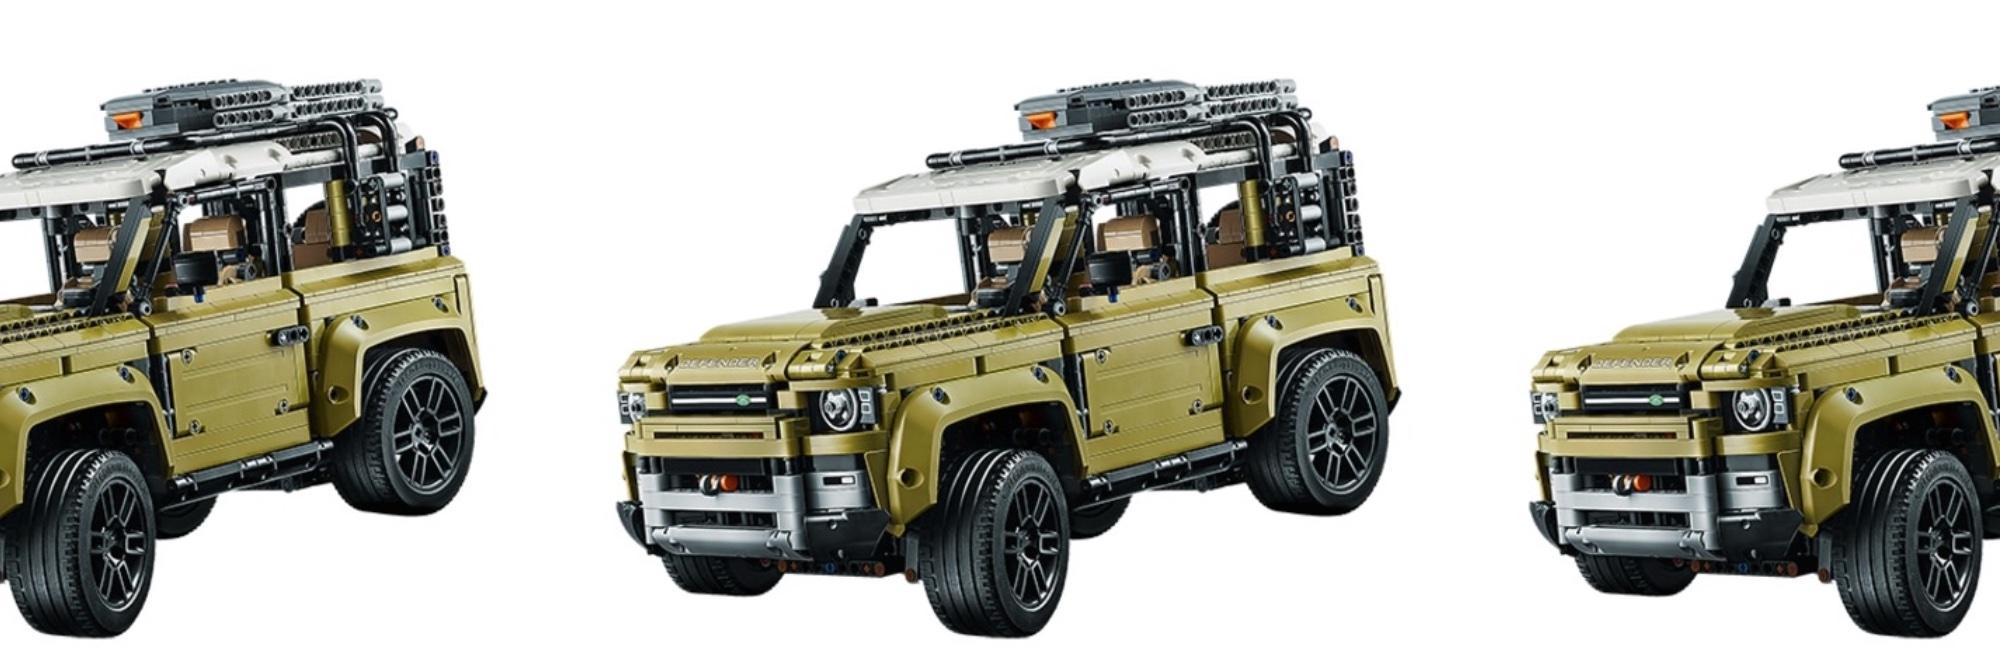 LEGO Land Rover Defender 3